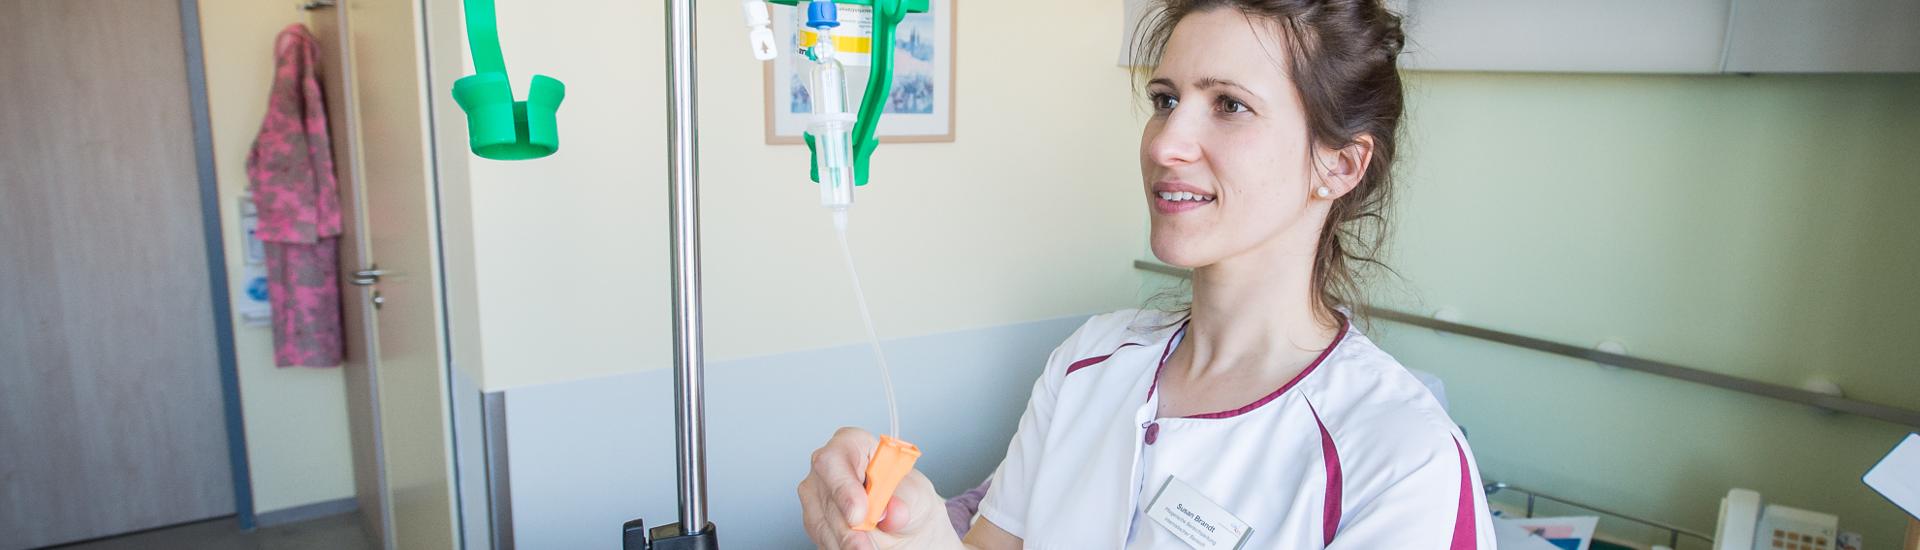 Krankenschwestern sind häufig von schlechten Arbeitsbedingungen betroffen